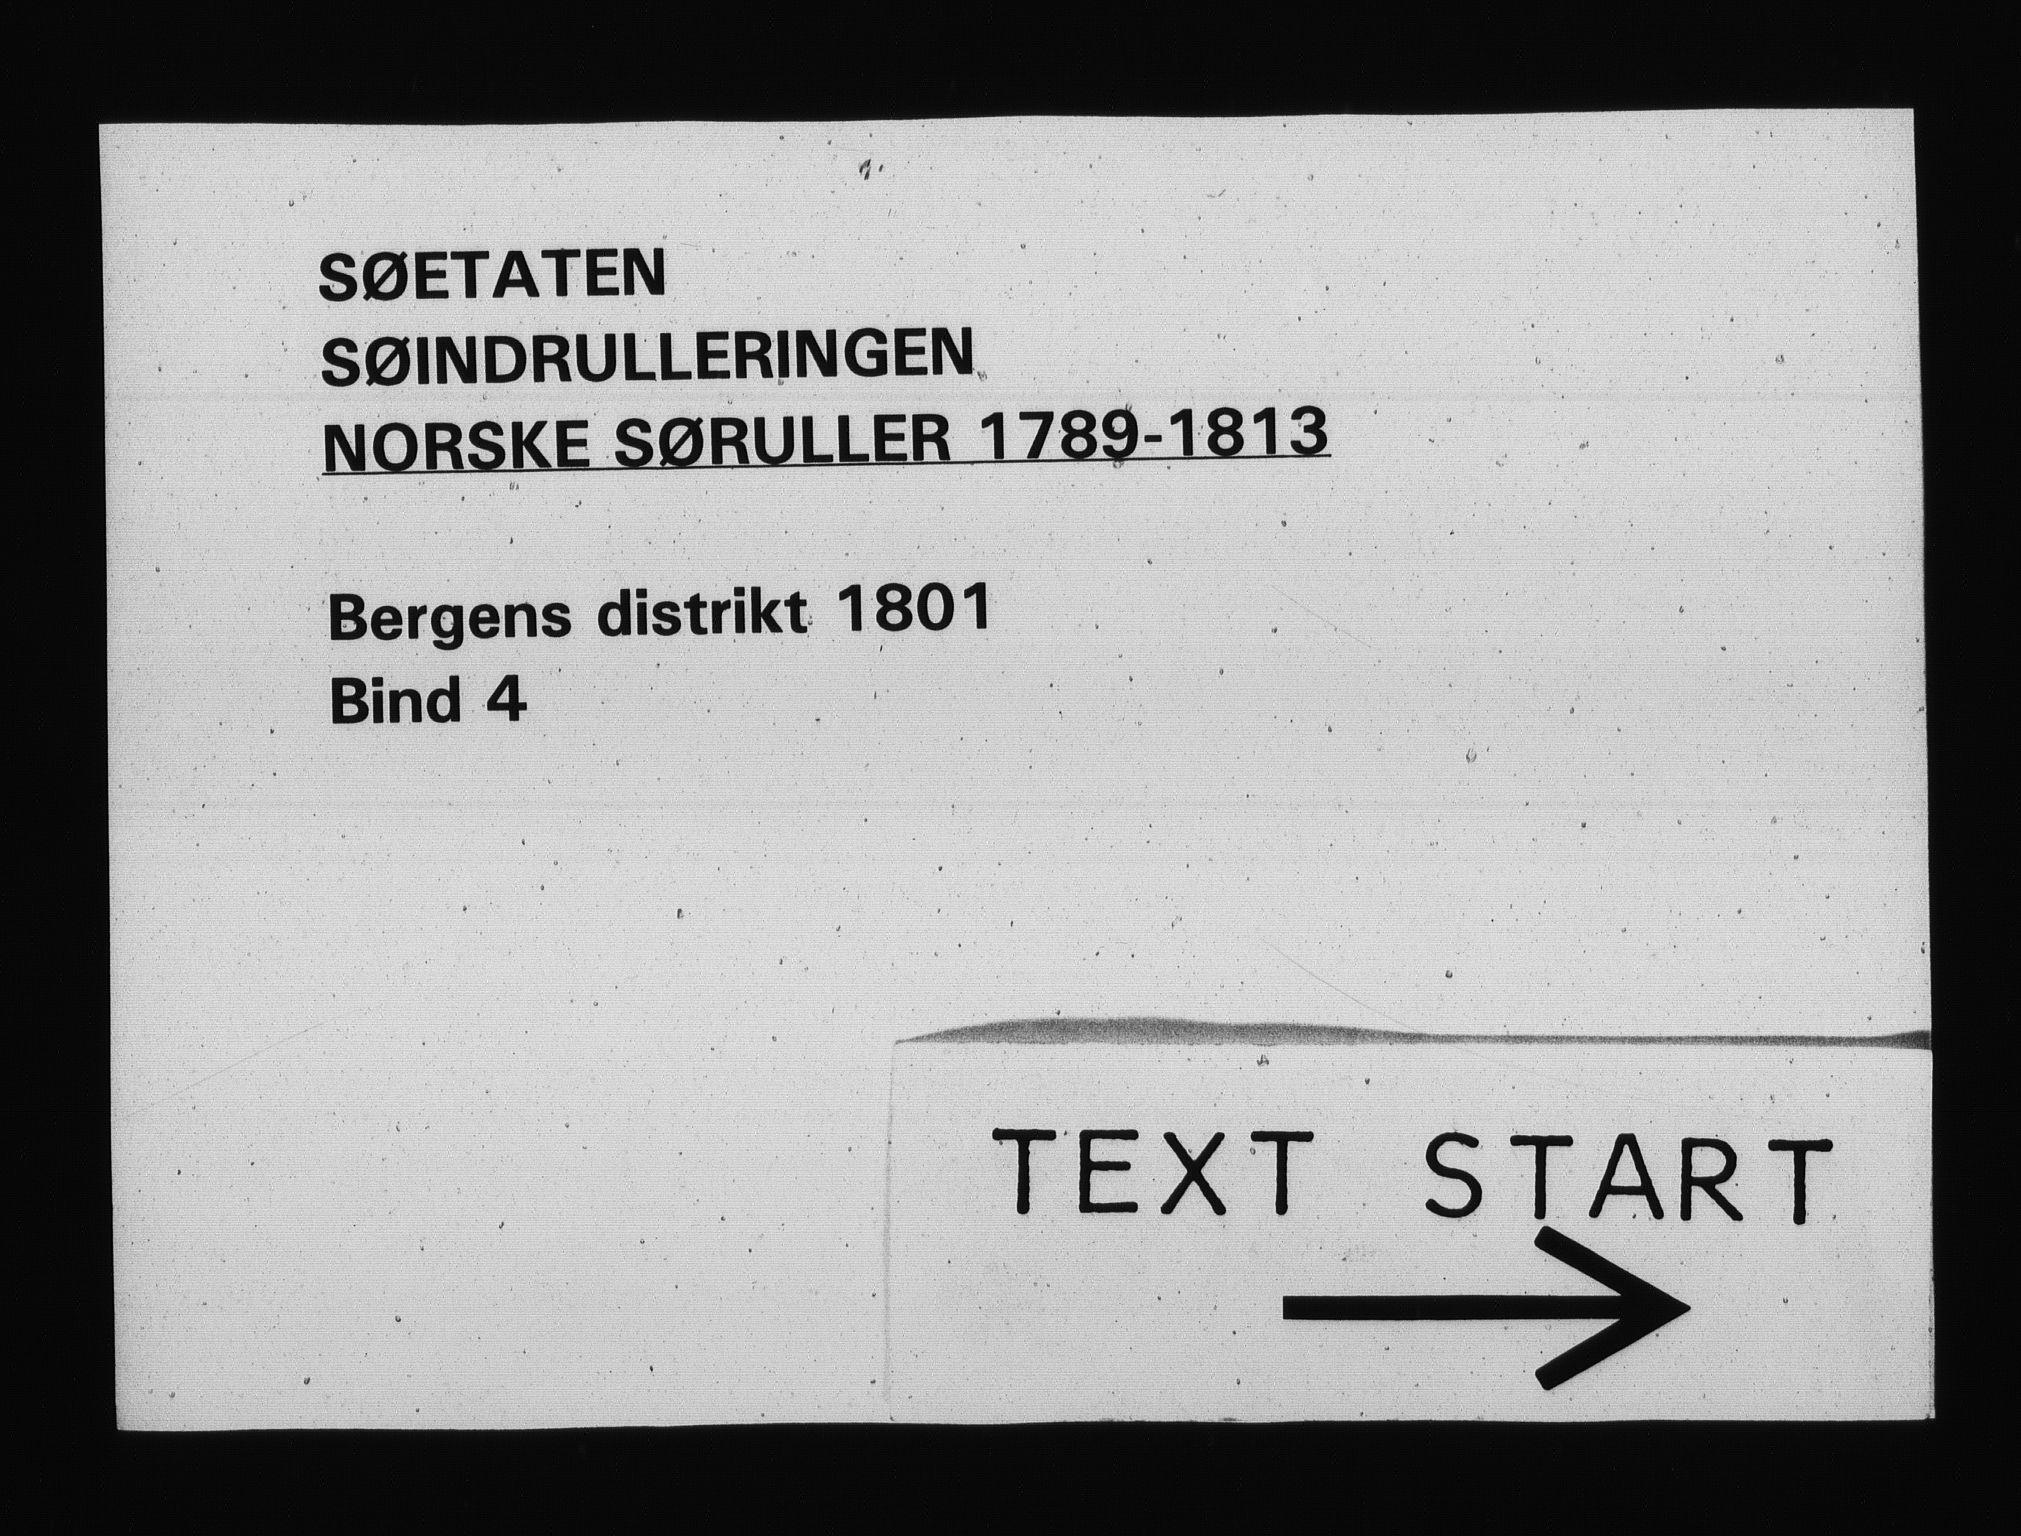 RA, Sjøetaten, F/L0236: Bergen distrikt, bind 4, 1801